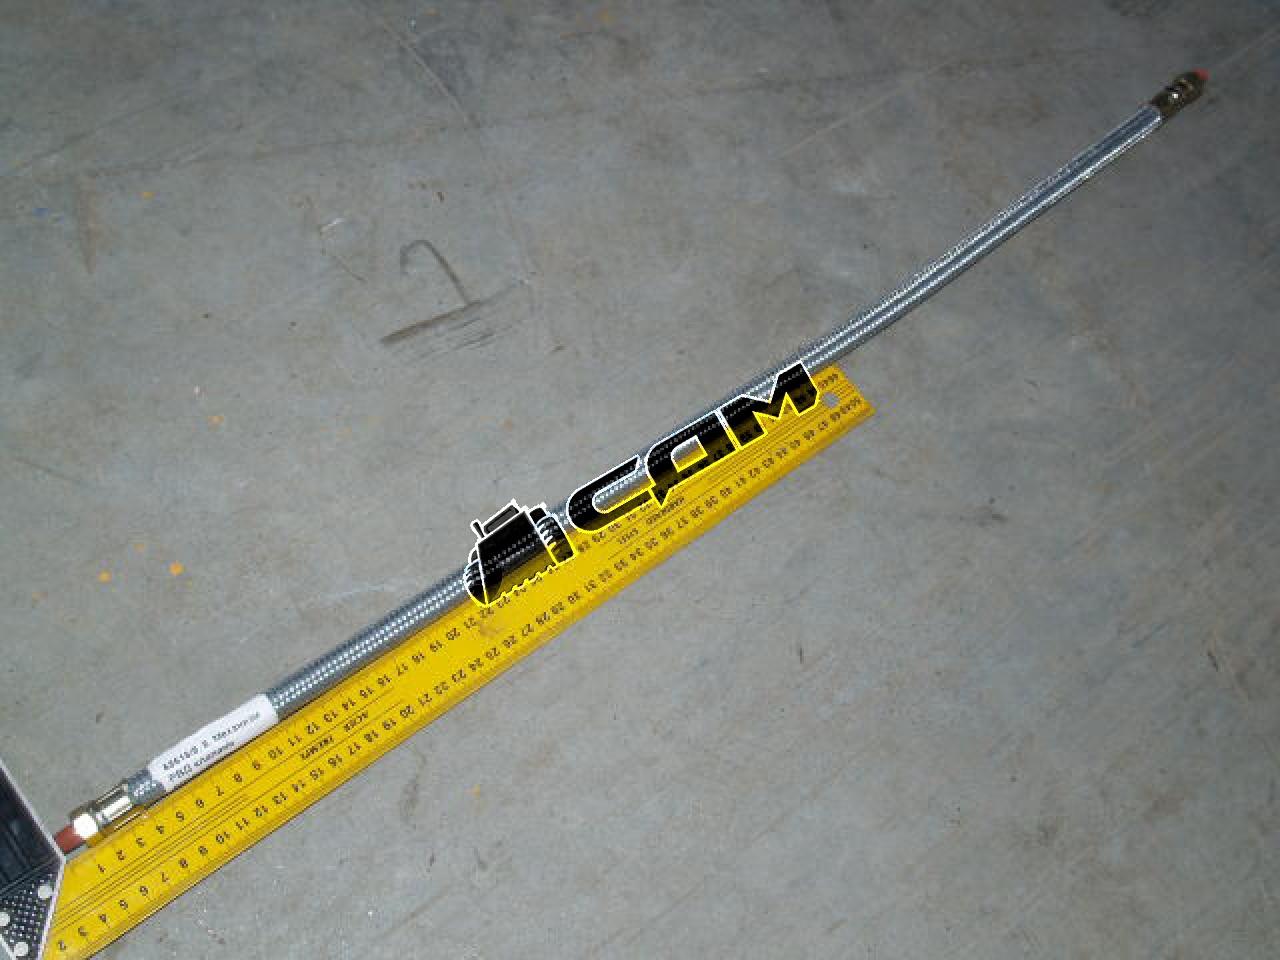 РВД клапана воздушного регулирования в оплетке L-755 M10/M10/Г16/Г16  55518